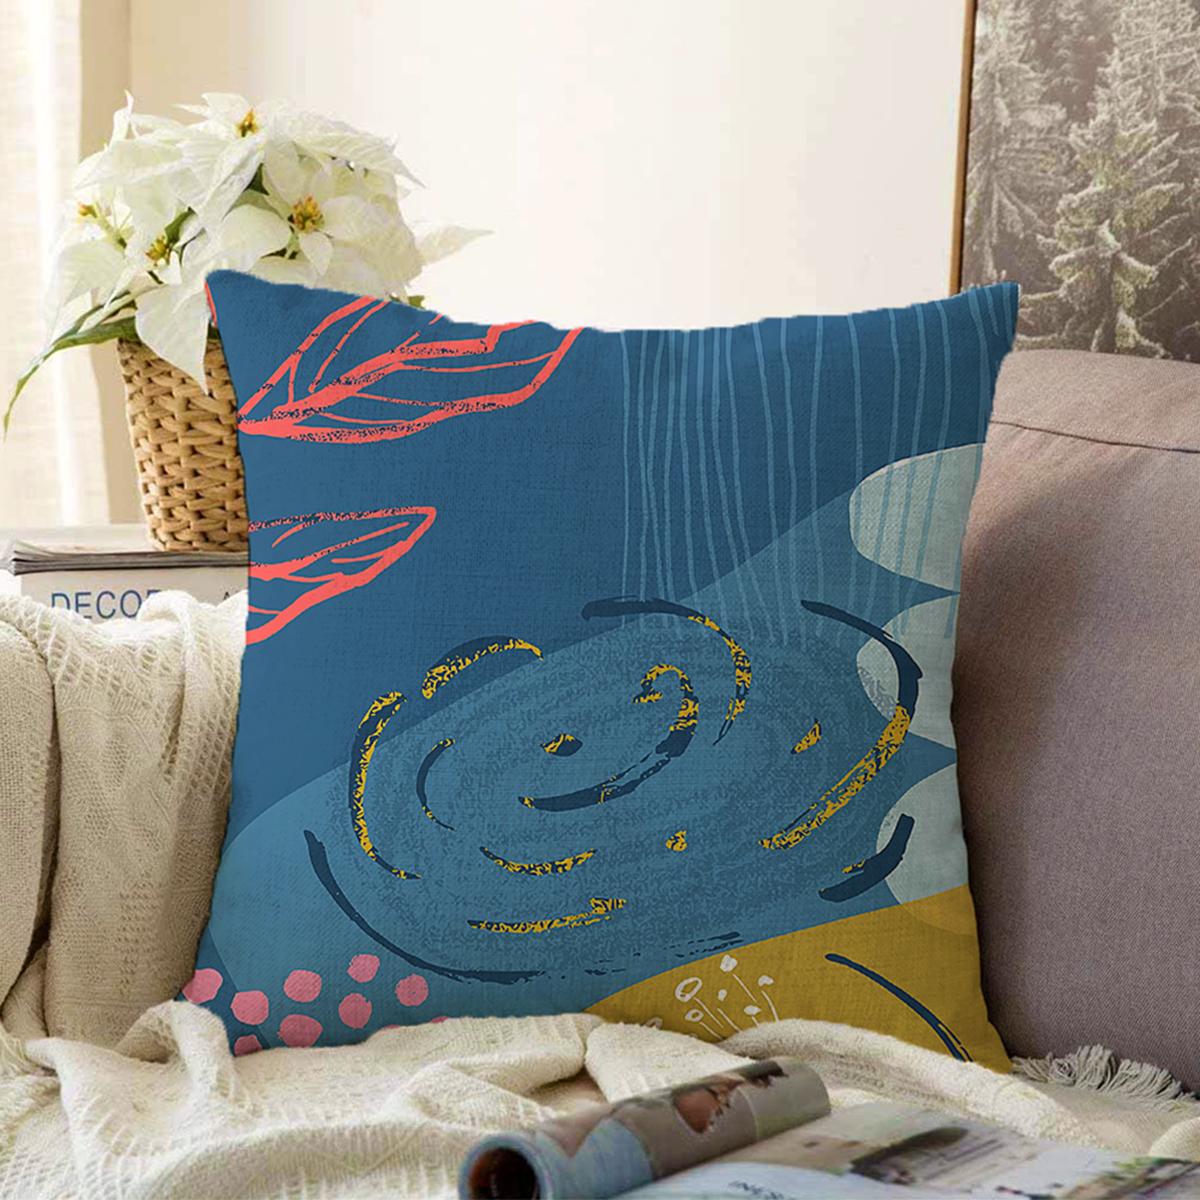 Çift Taraflı Renkli Zemin Üzerinde Pastel Renkli Yaprak Desenli Modern Şönil Yastık Kırlent Kılıfı Realhomes